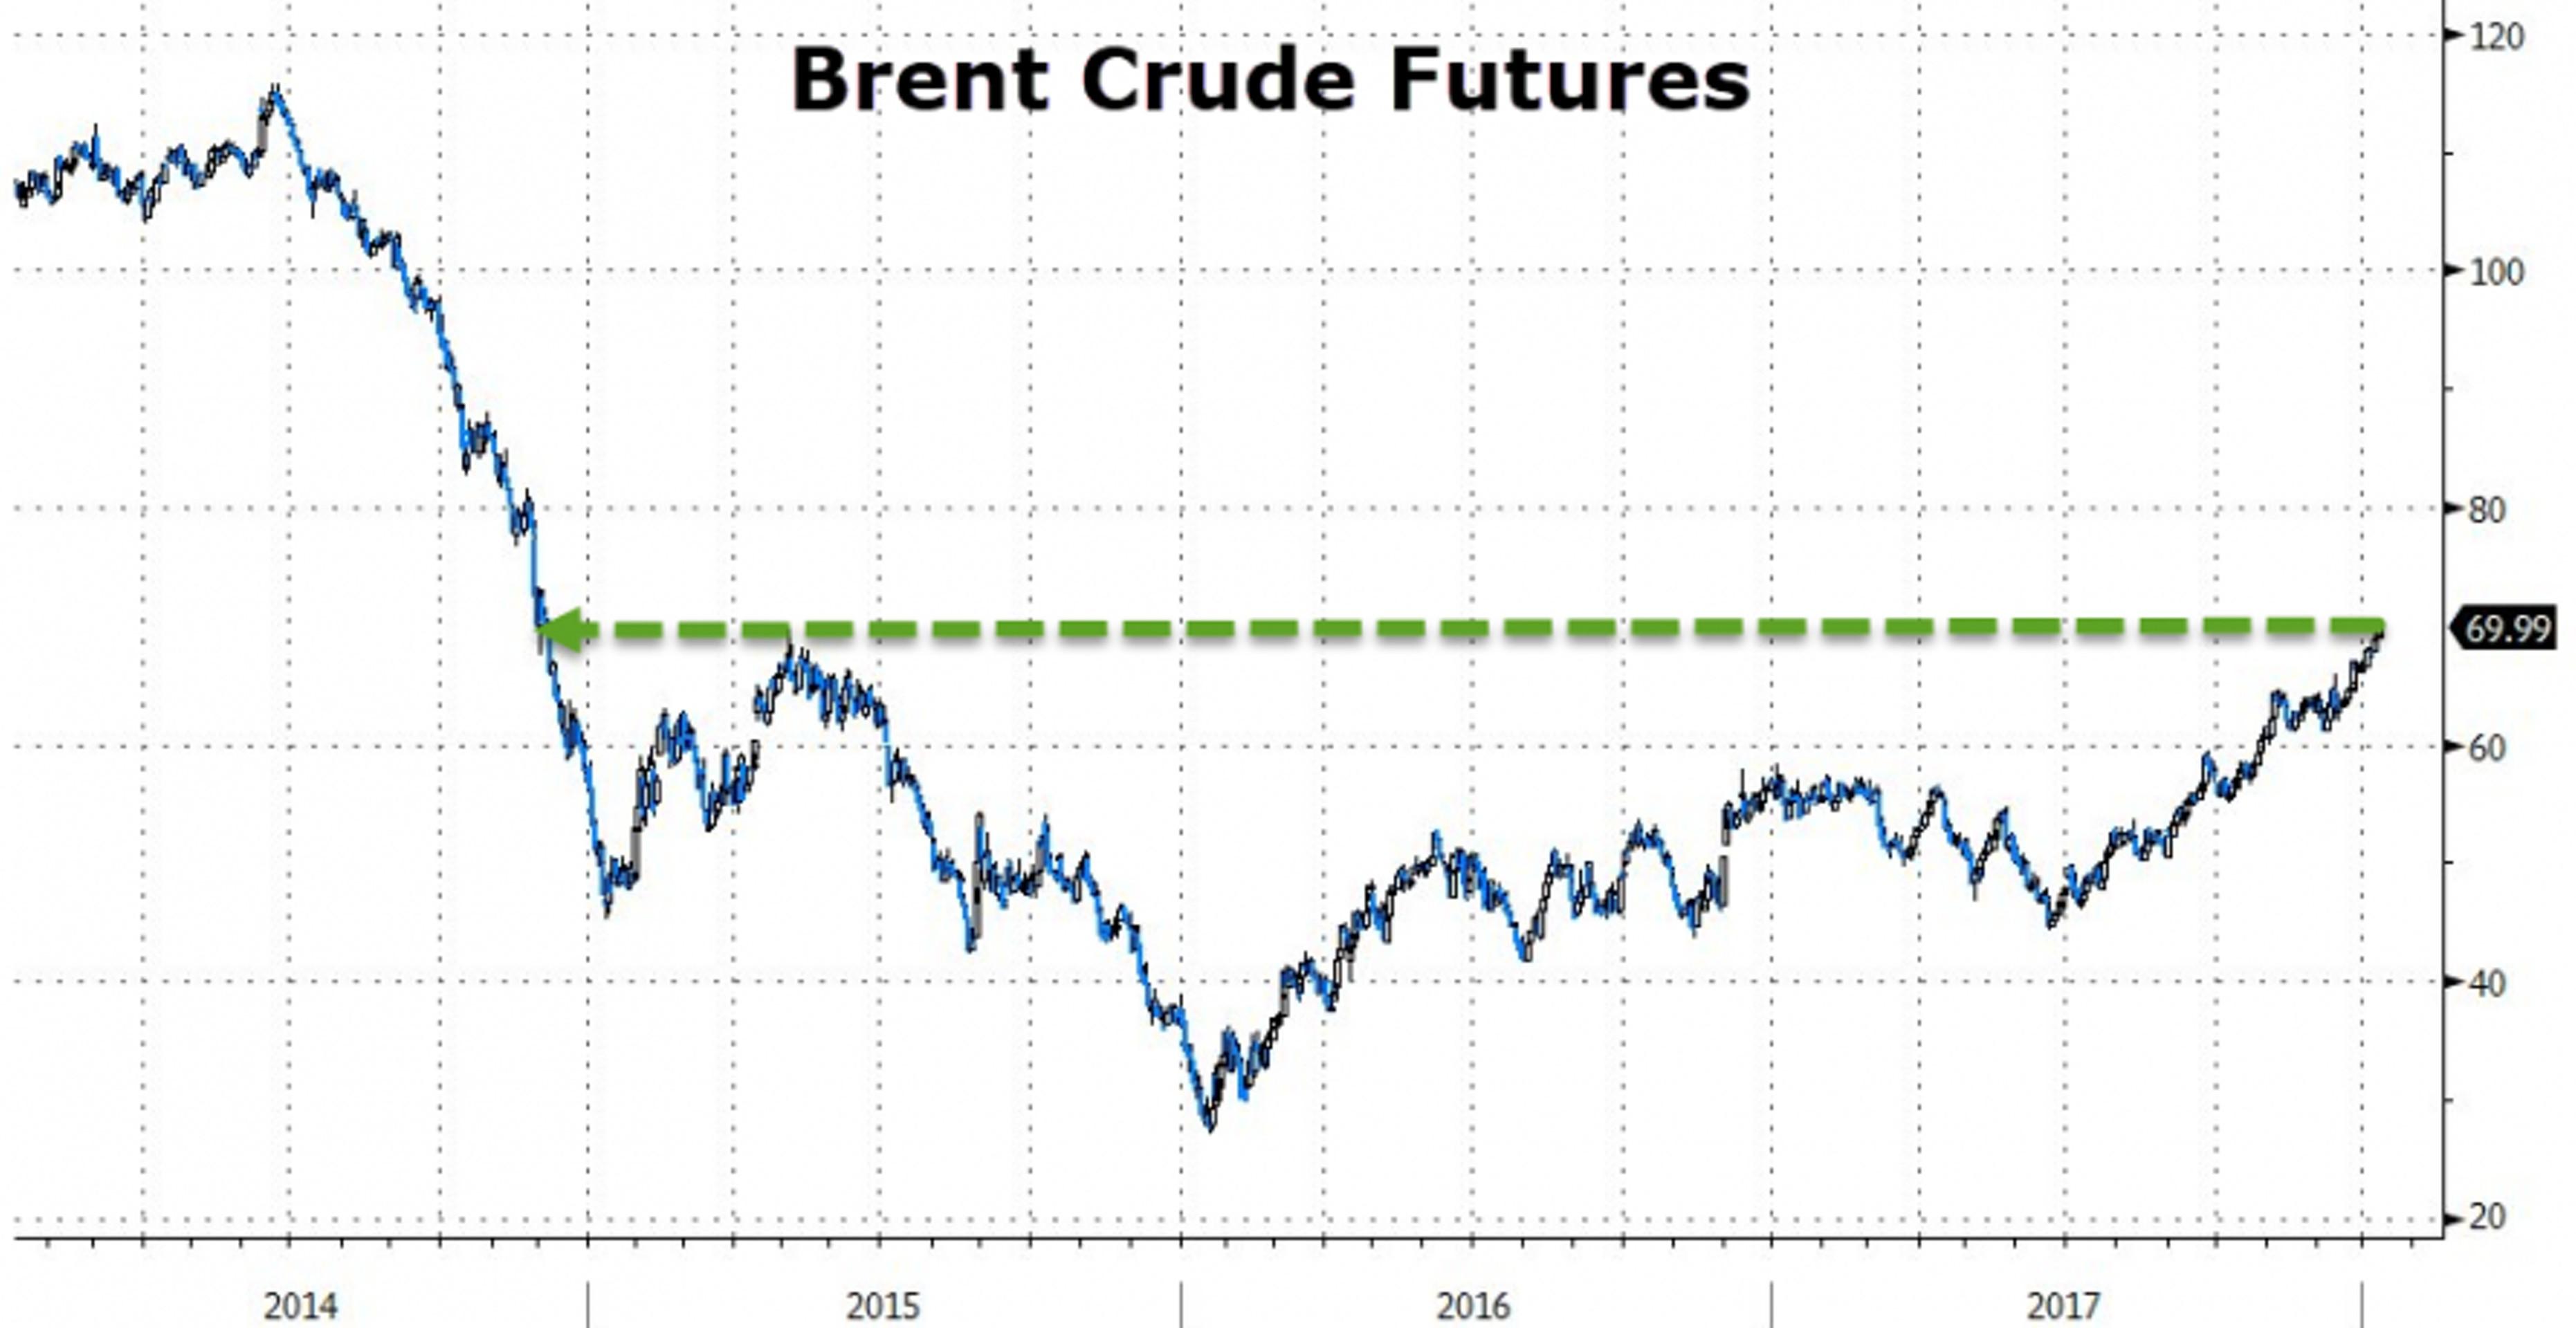 Нефть превысила $70 впервые с 2014 г. Что дальше?